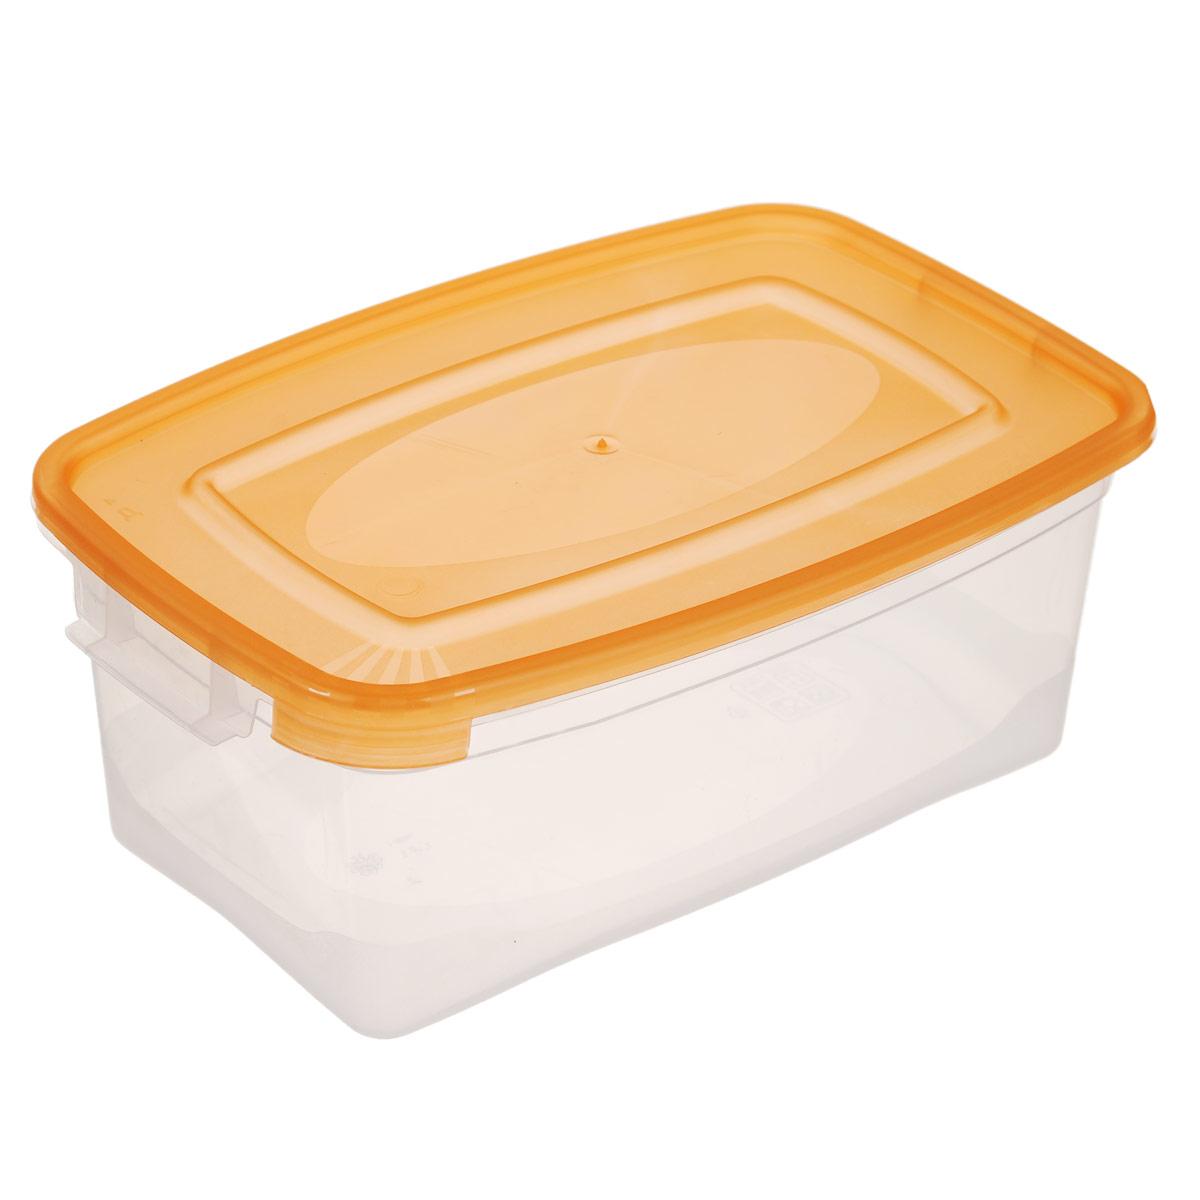 Контейнер Полимербыт Каскад, цвет: прозрачный, оранжевый, 1 л. С570 клавиатура a4tech kls 7muu